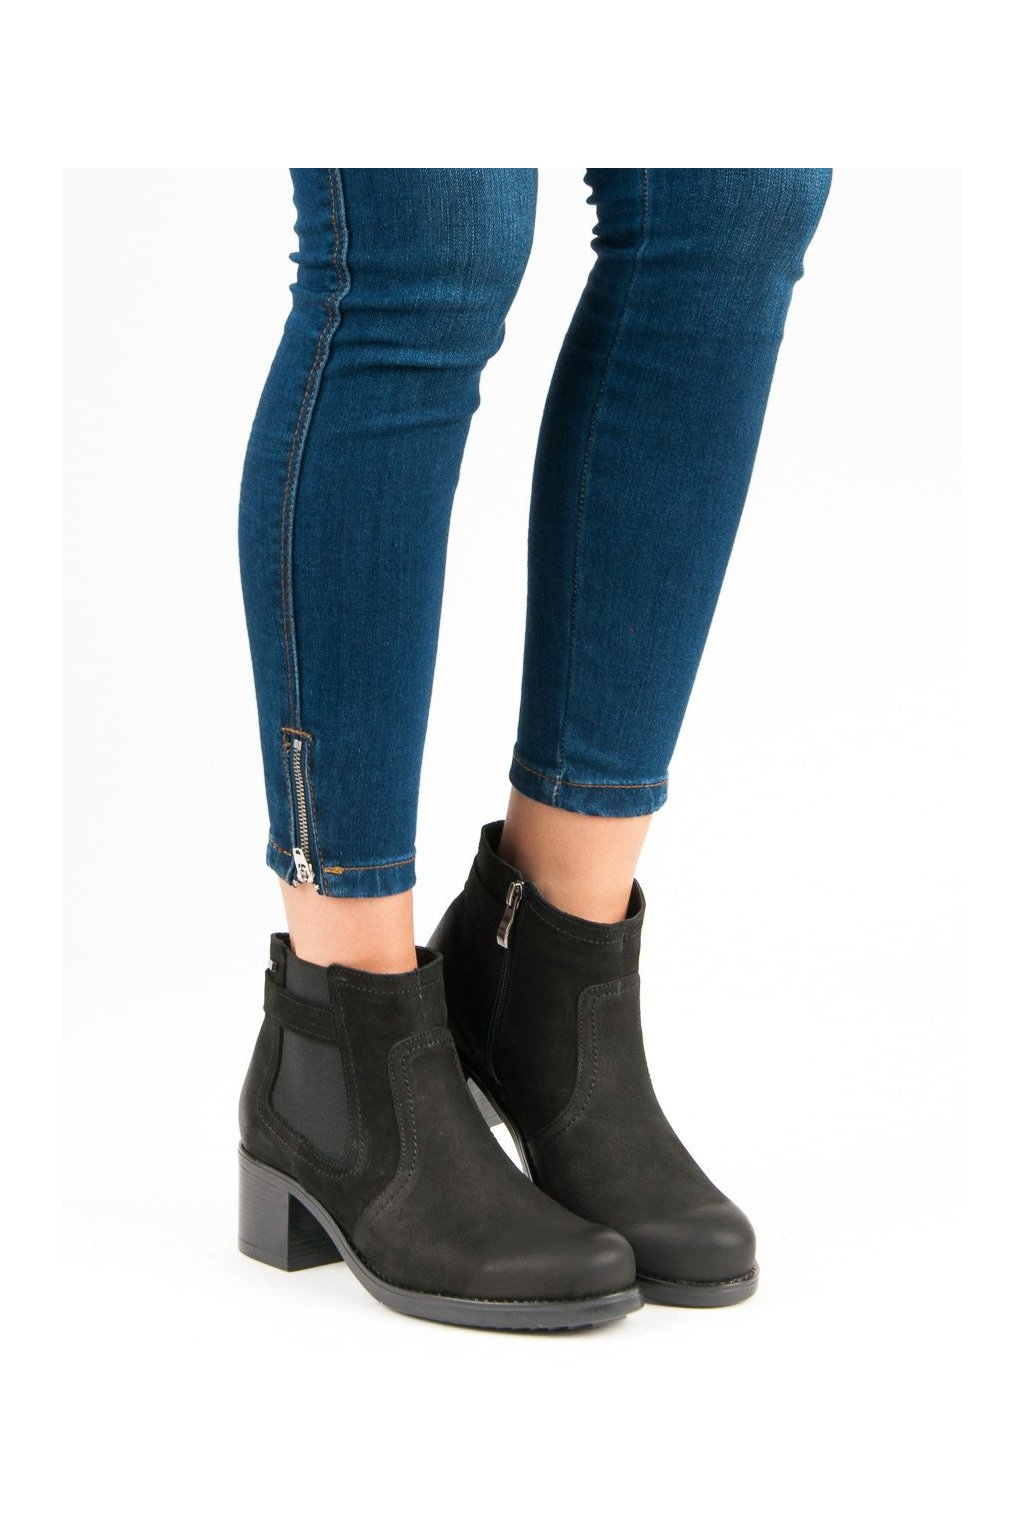 Čierne topánky na hrubom podpätku Vinceza kod 1280/5B